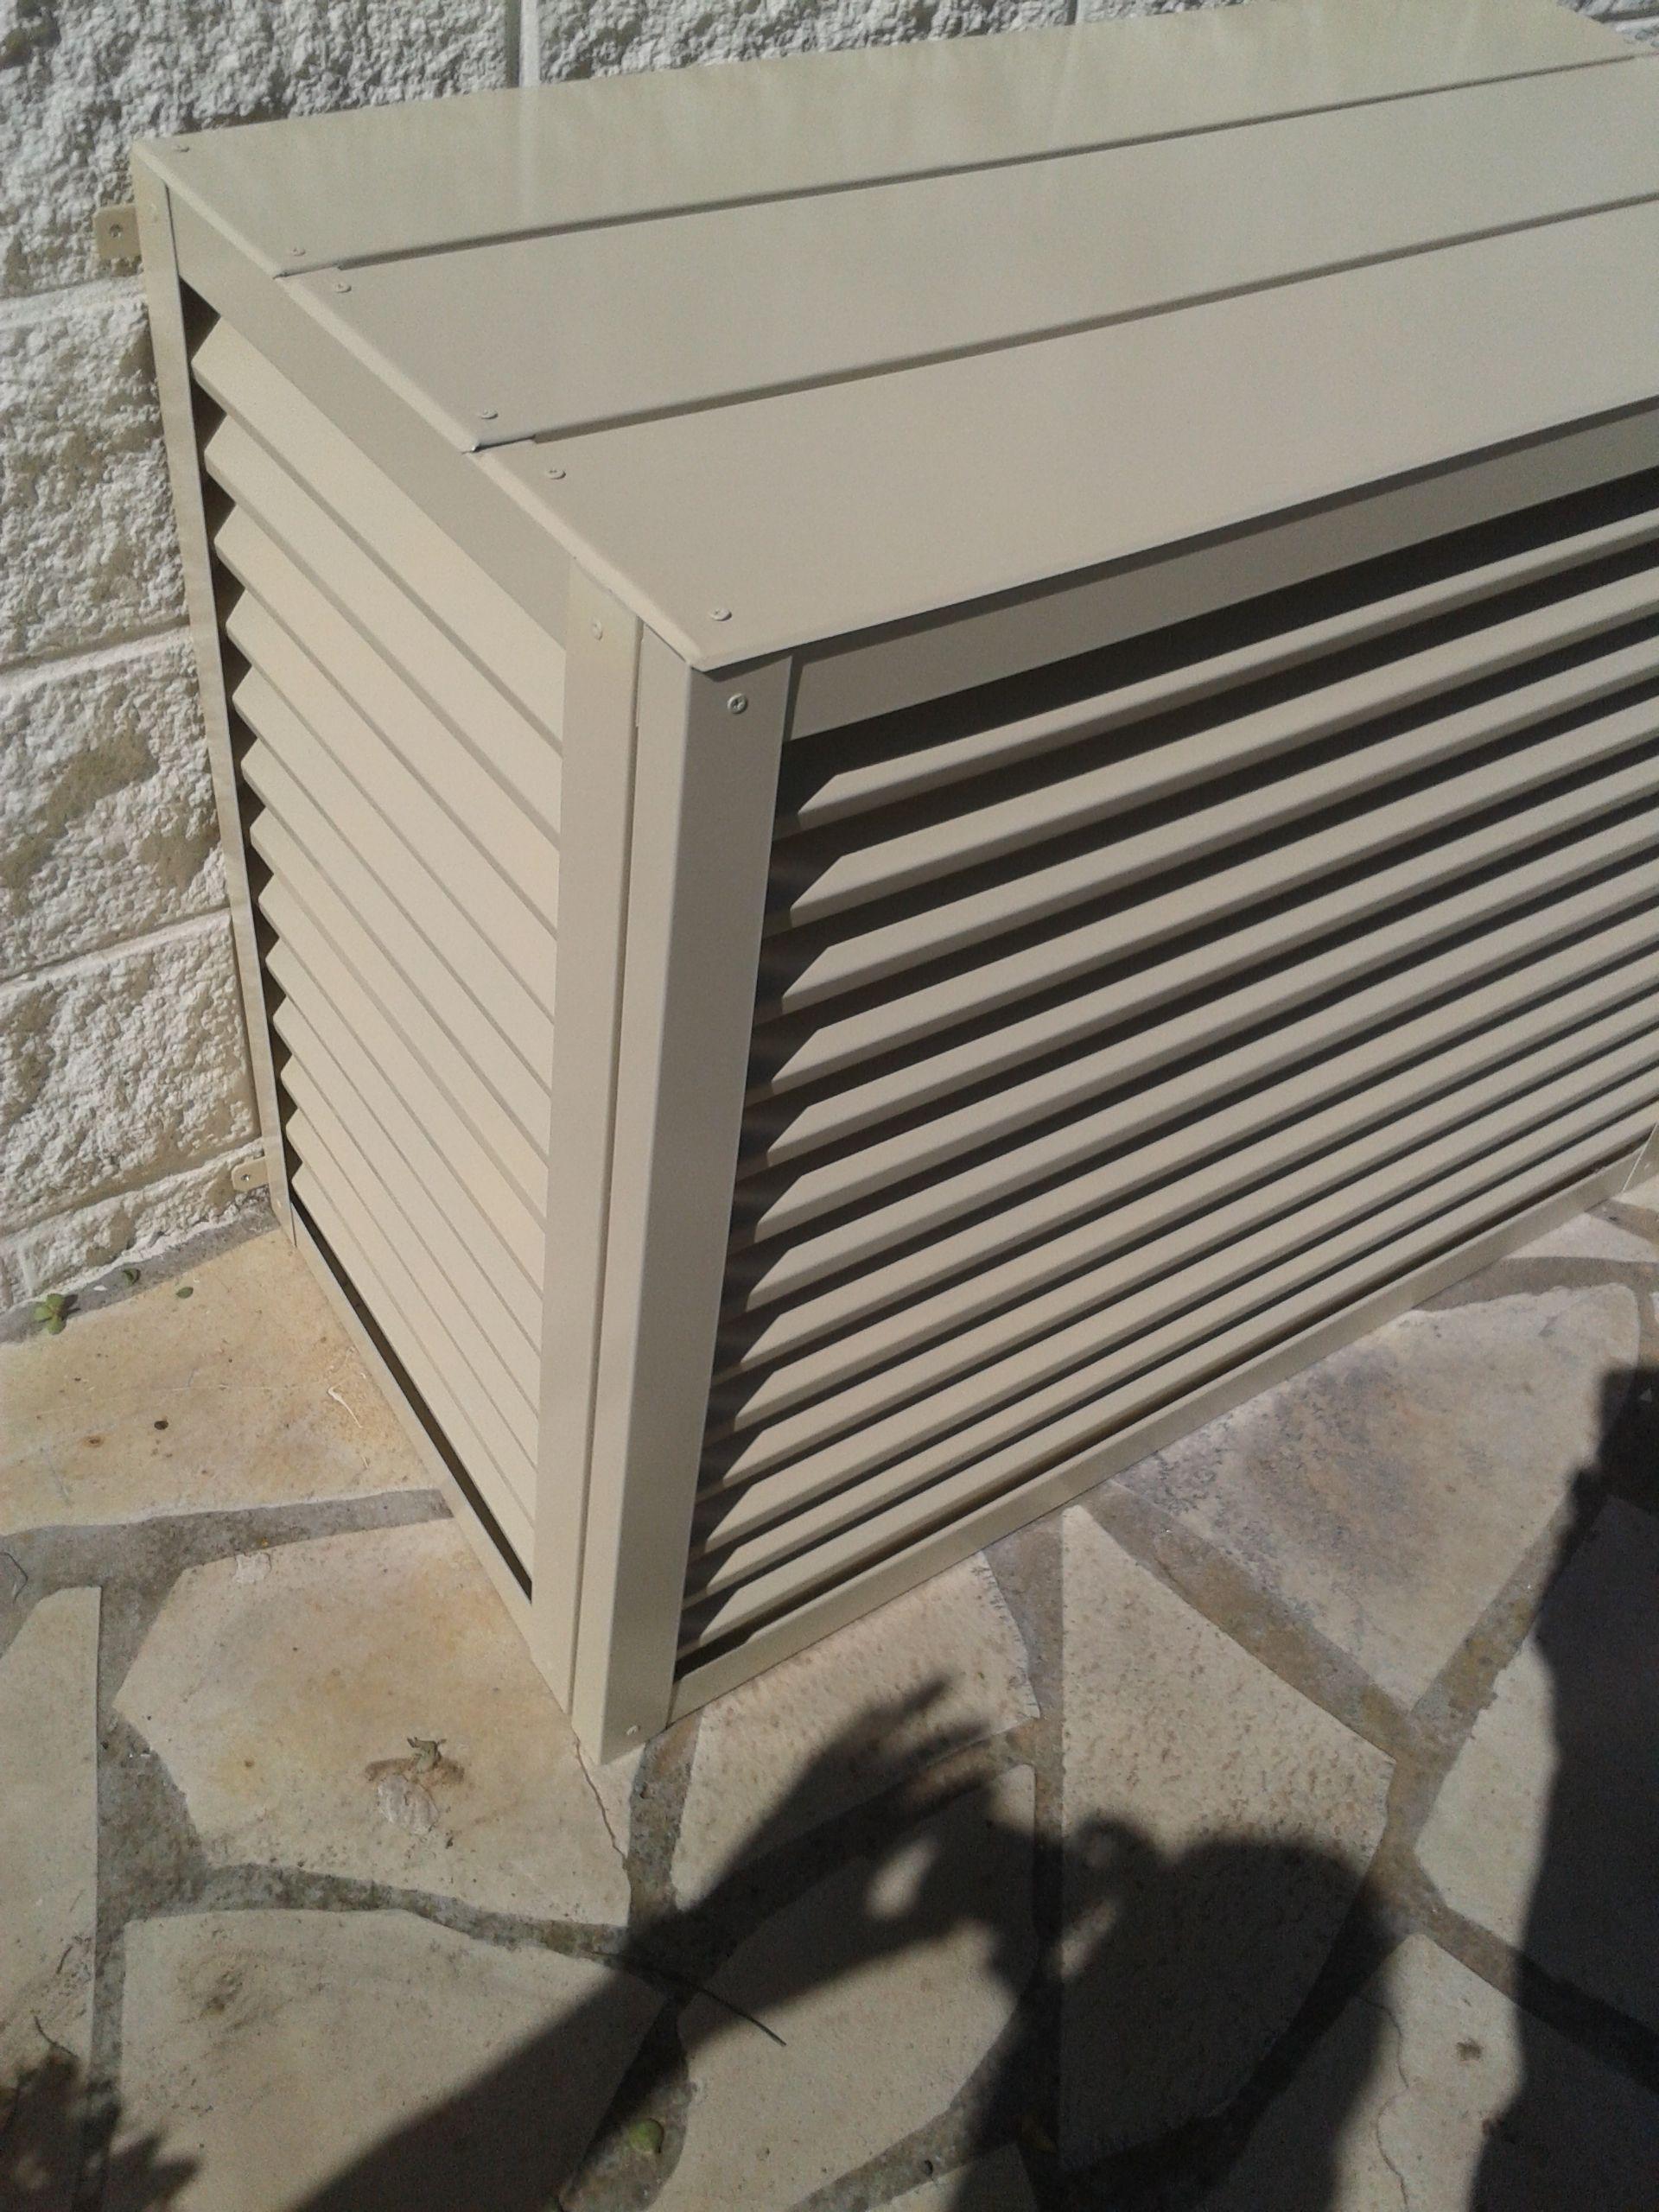 Cubierta de aire acondicionado para exterior. Cubierta